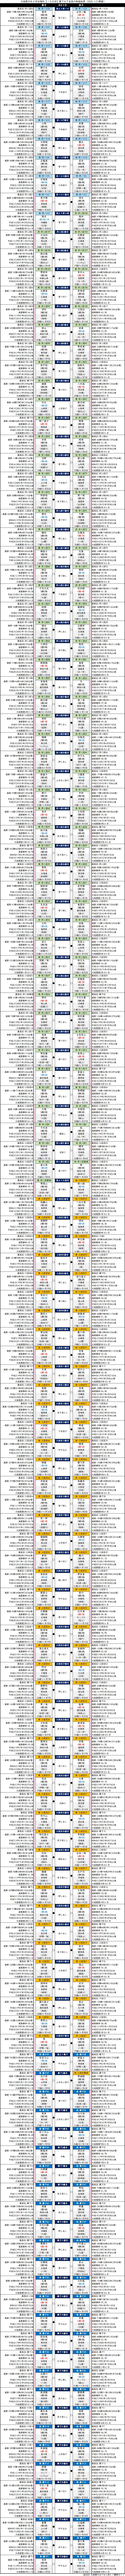 大相撲・2020年1月場所10日目・幕下以下の取組結果